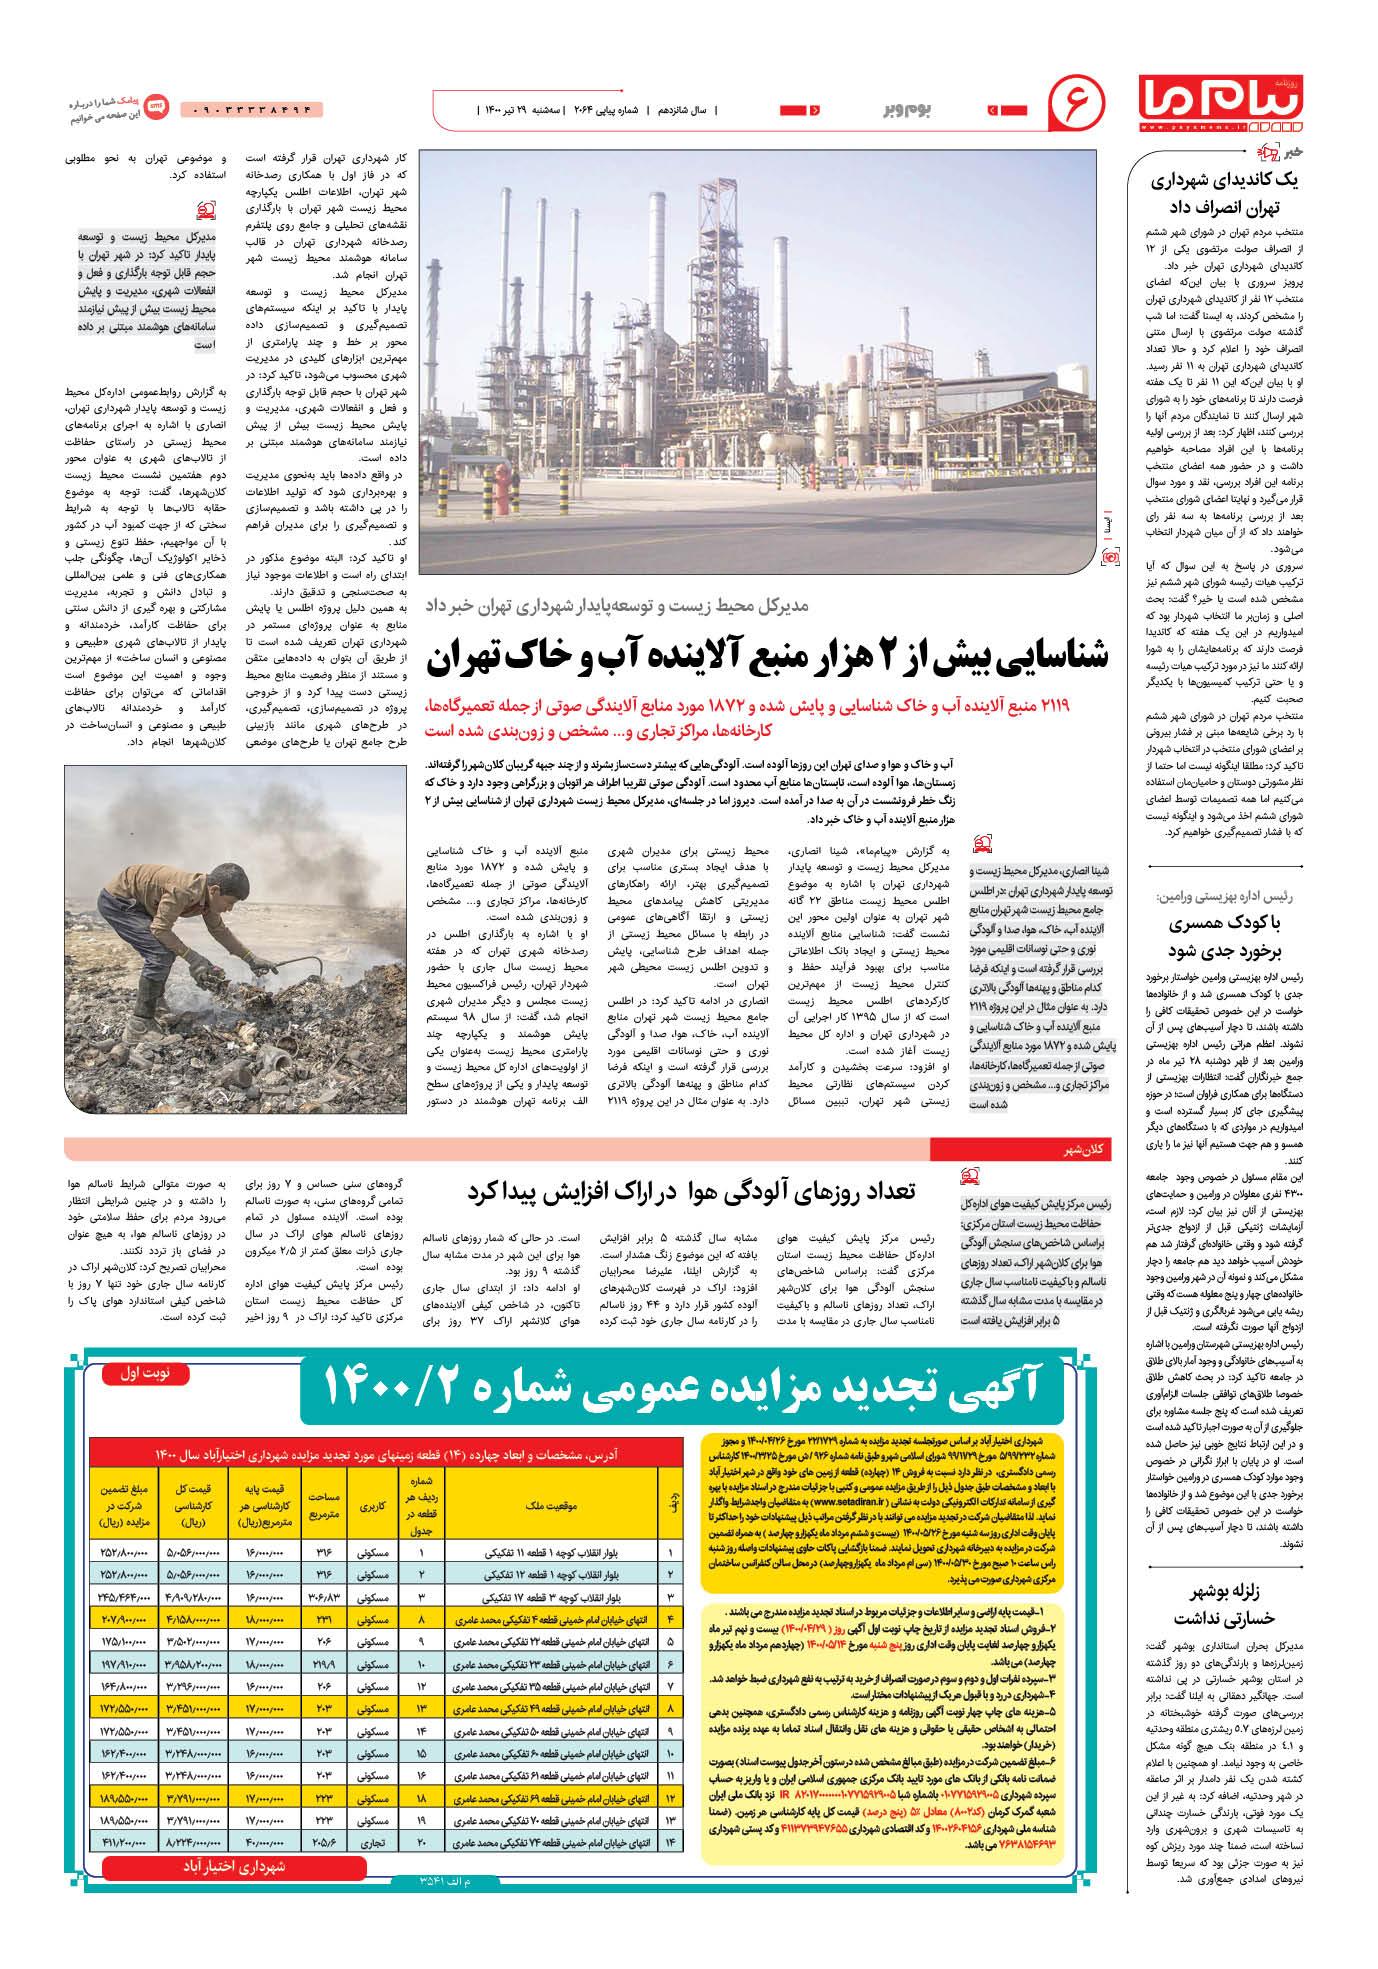 شناسایی بیش از 2 هزار منبع آلاینده آب و خاک تهران